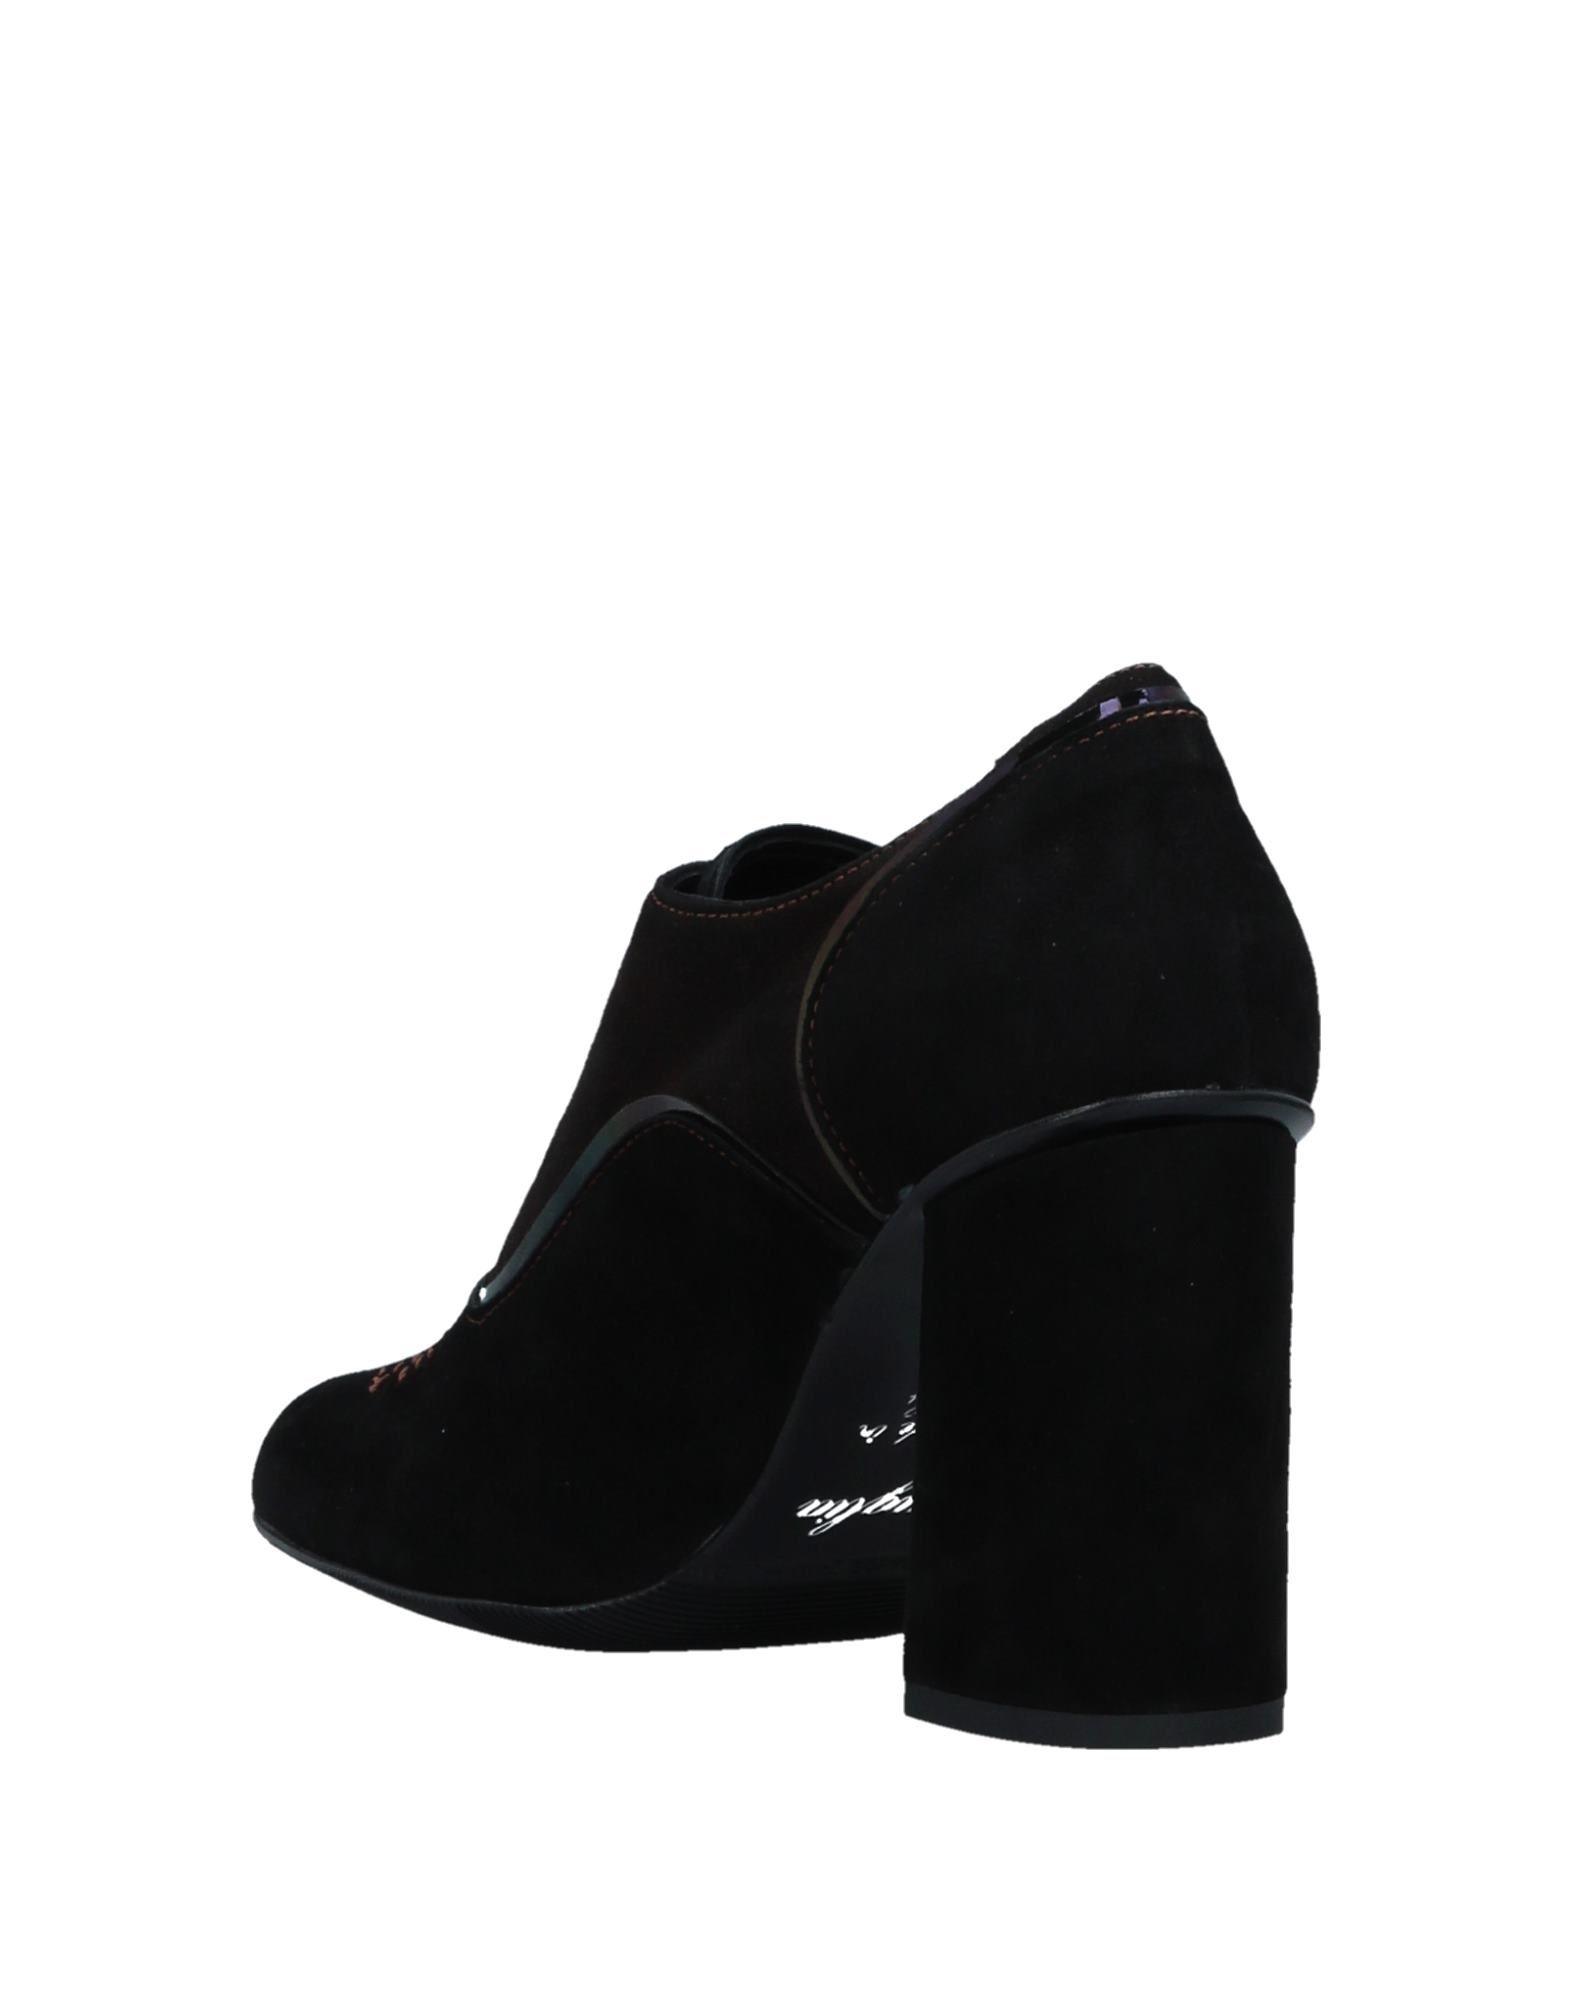 Stilvolle Schnürschuhe billige Schuhe F.Lli Bruglia Schnürschuhe Stilvolle Damen  11520582WD cbf911